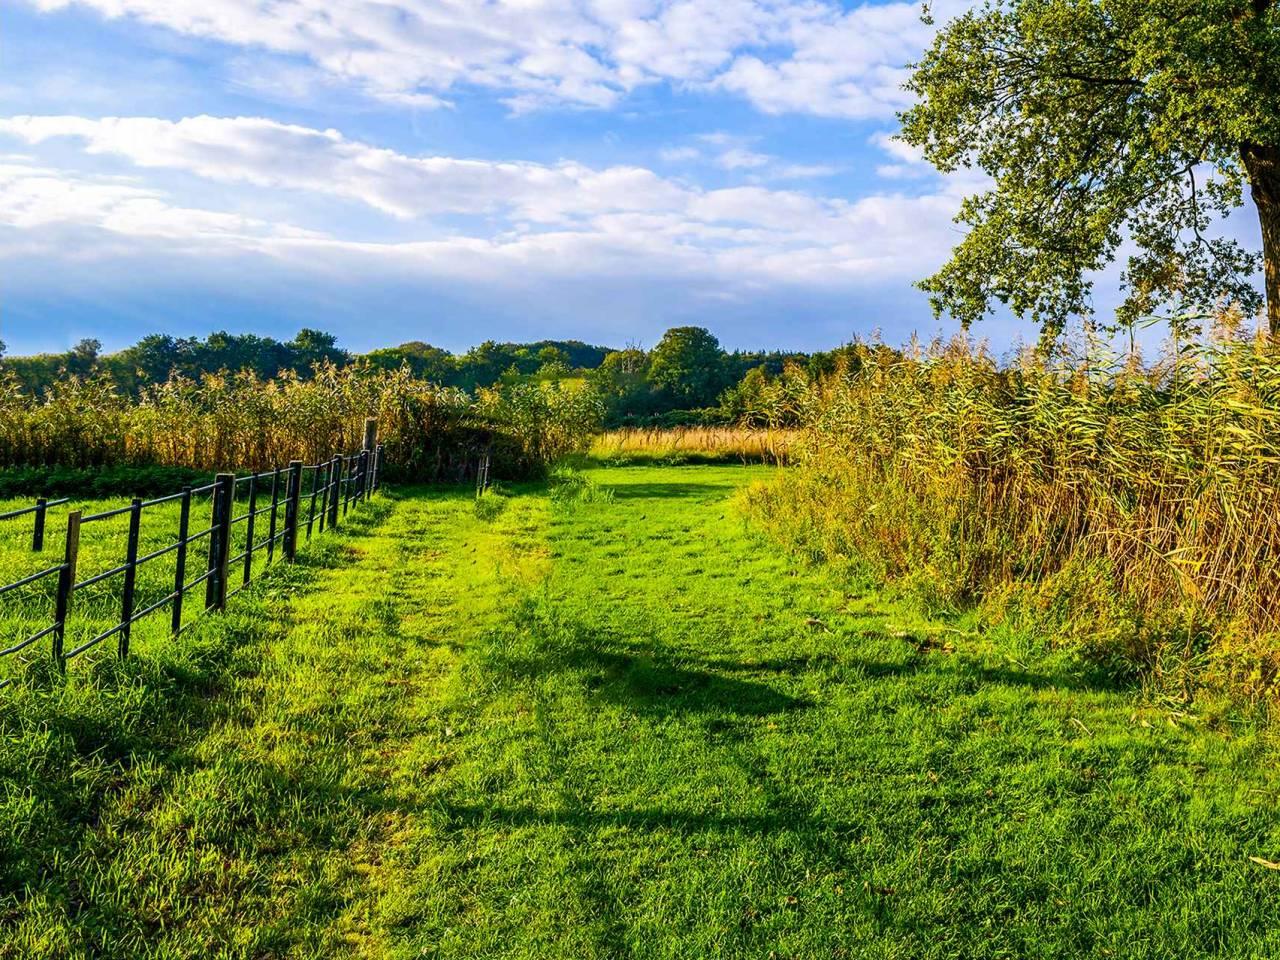 Rural farm land nature landscape